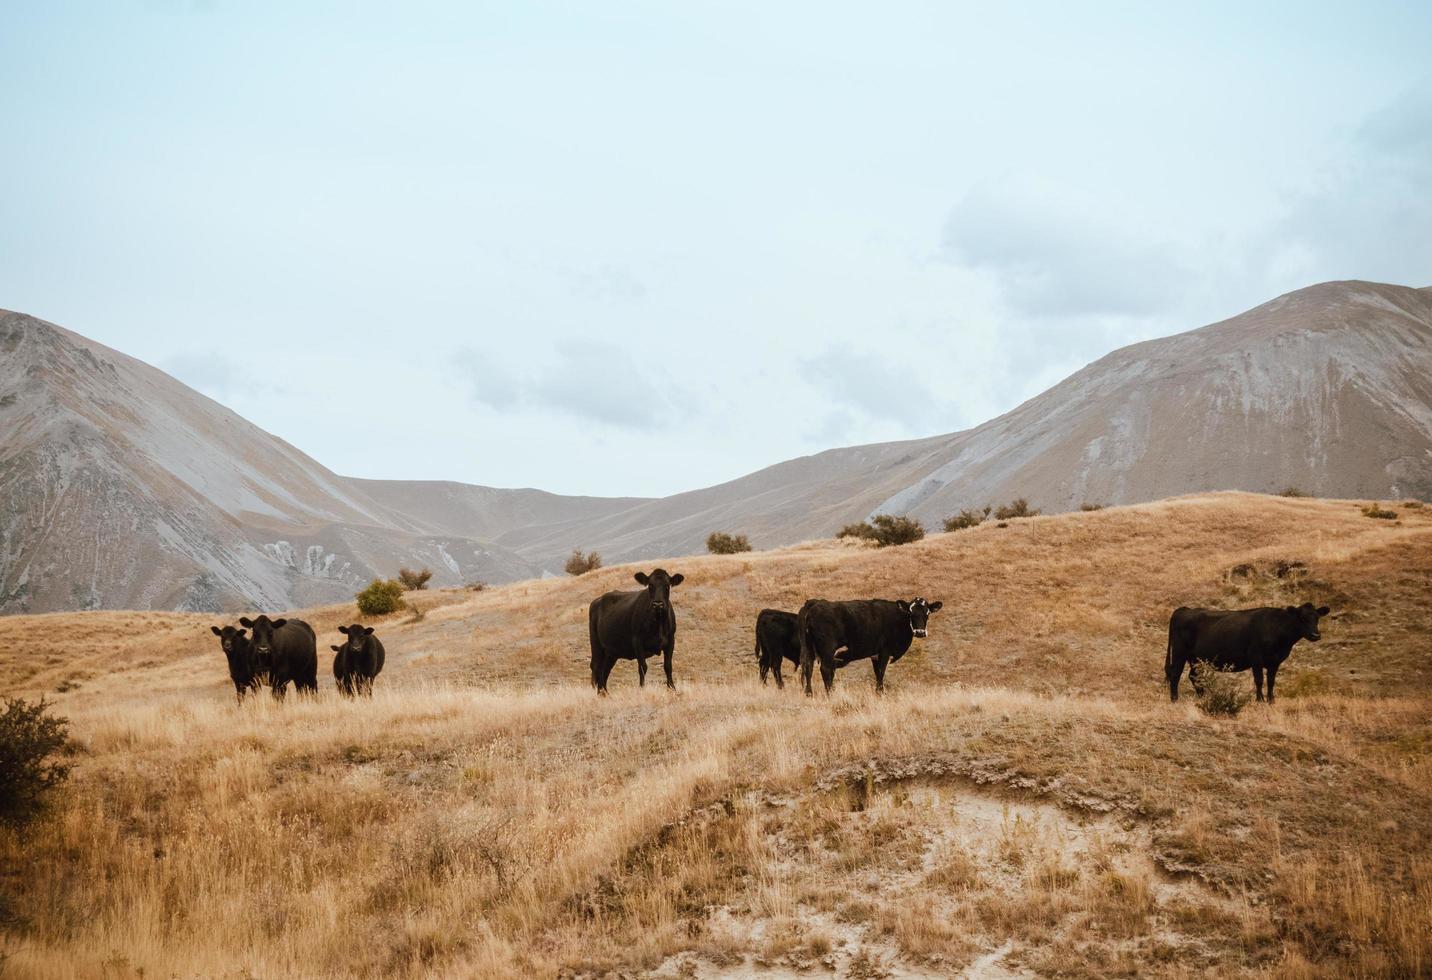 Herd of cattle in field photo